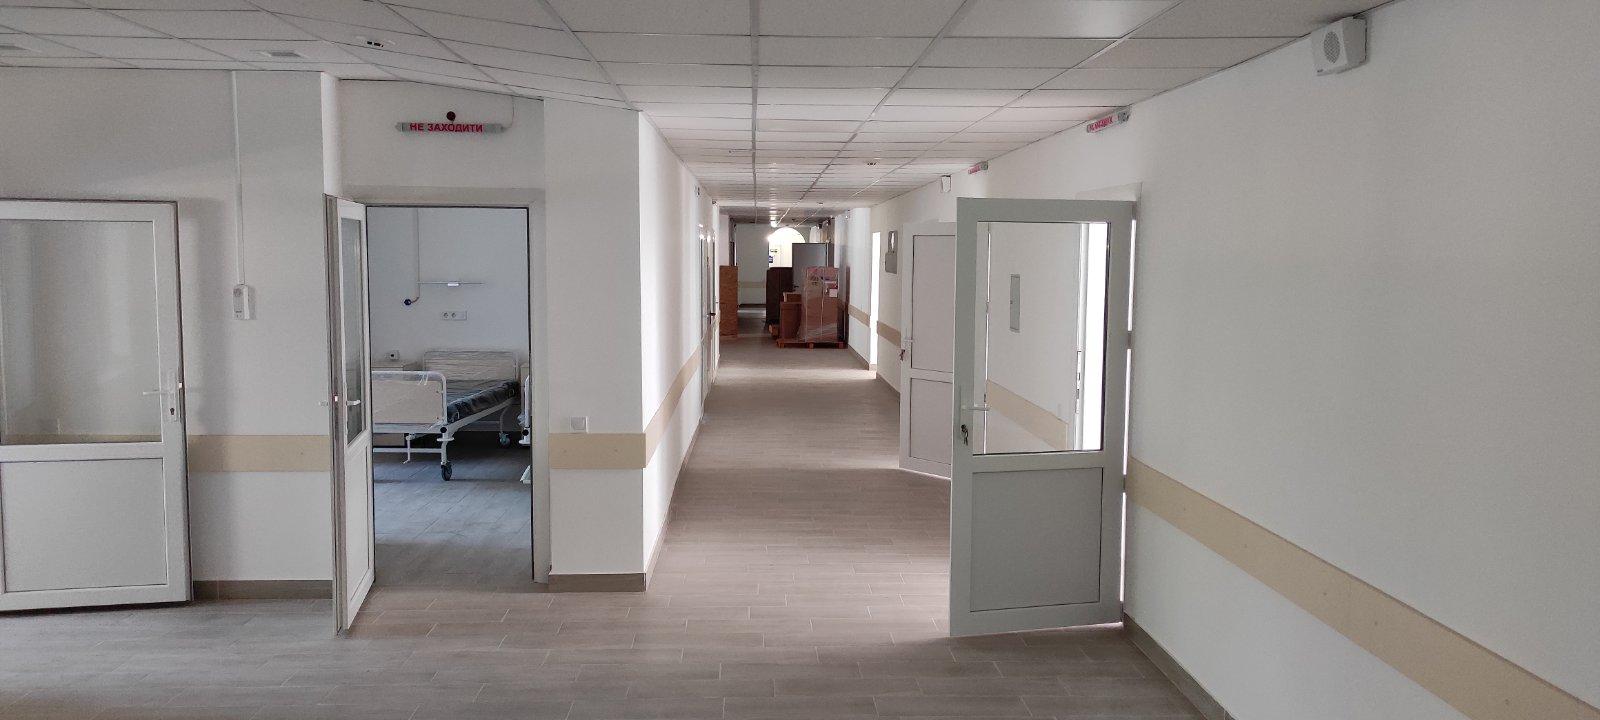 У Сарненській ЦРЛ встановлять потужний комп'ютерний томограф (ФОТО), фото-1